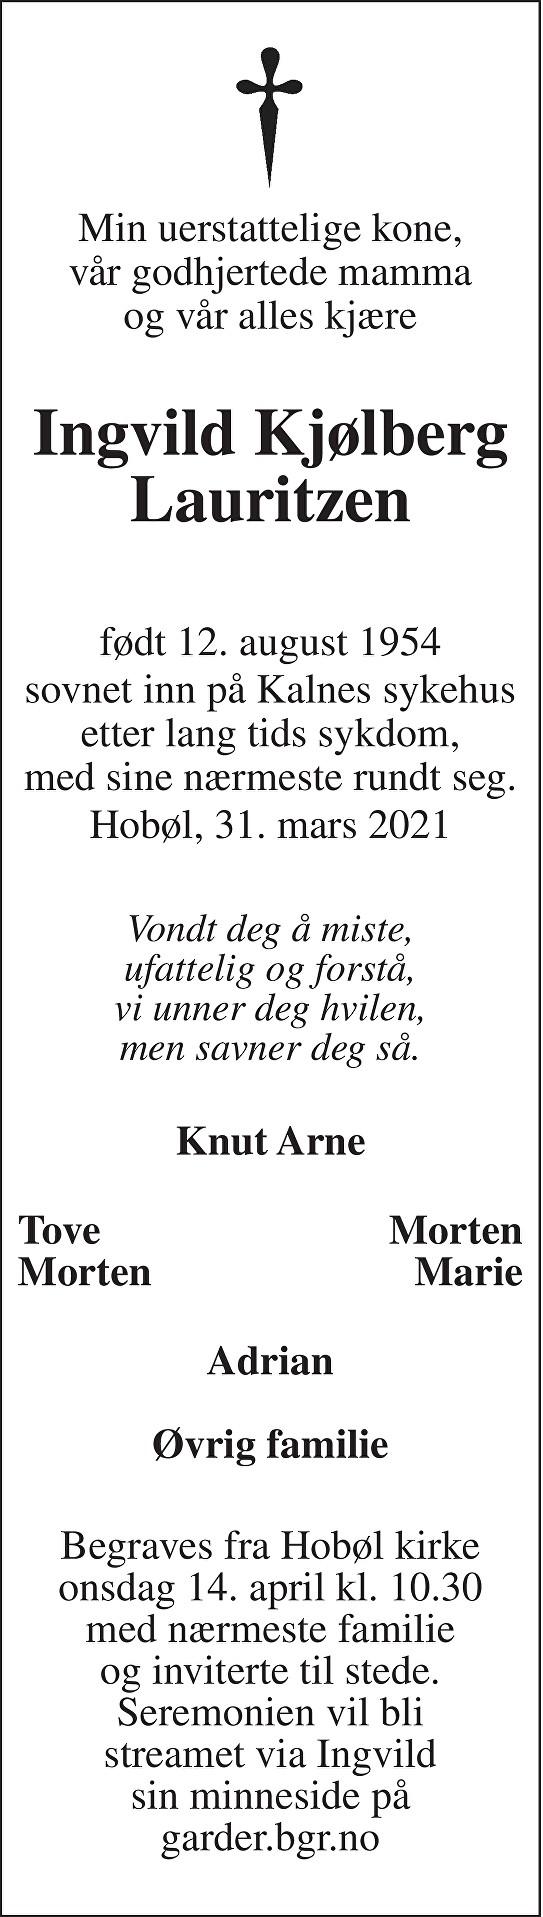 Ingvild Kjølberg Lauritzen Dødsannonse